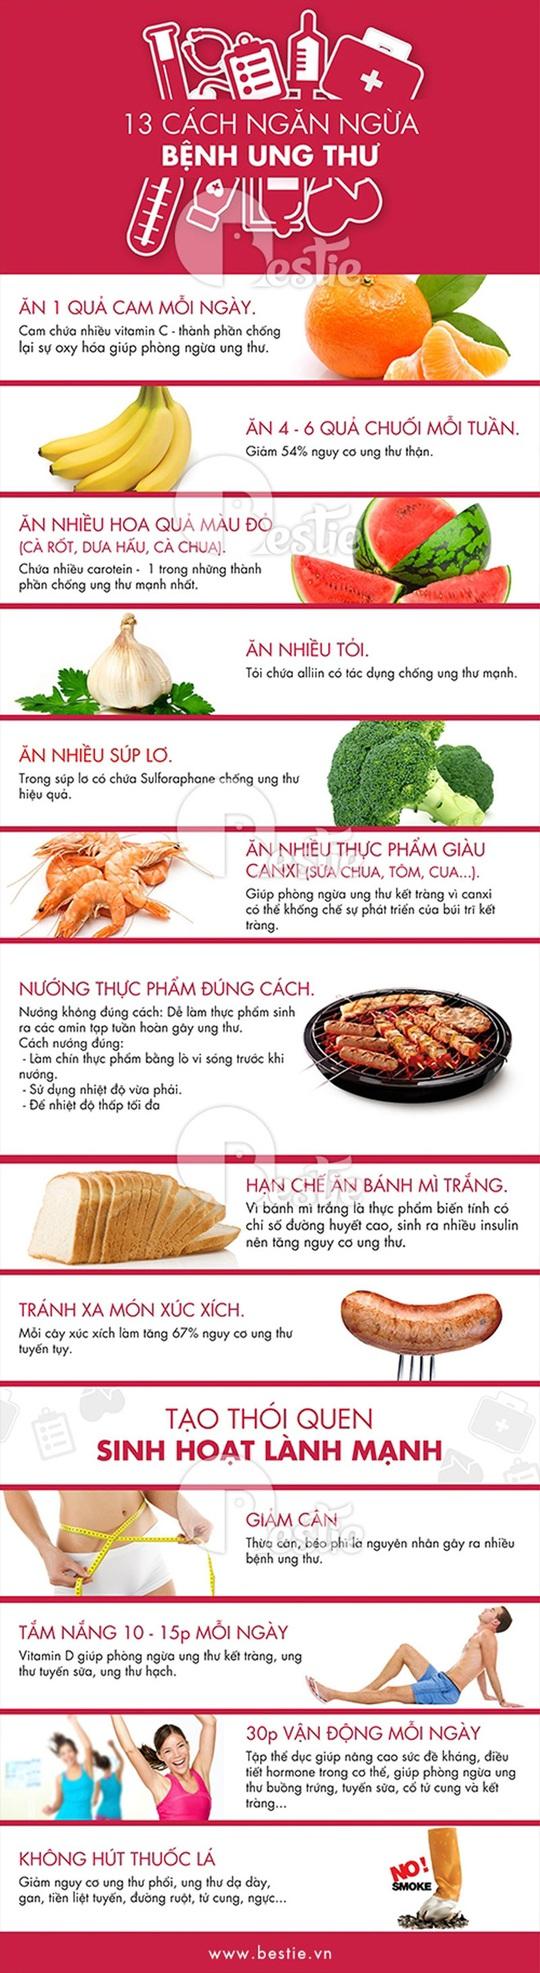 13 quy tắc ăn uống giúp bạn tránh khỏi ung thư